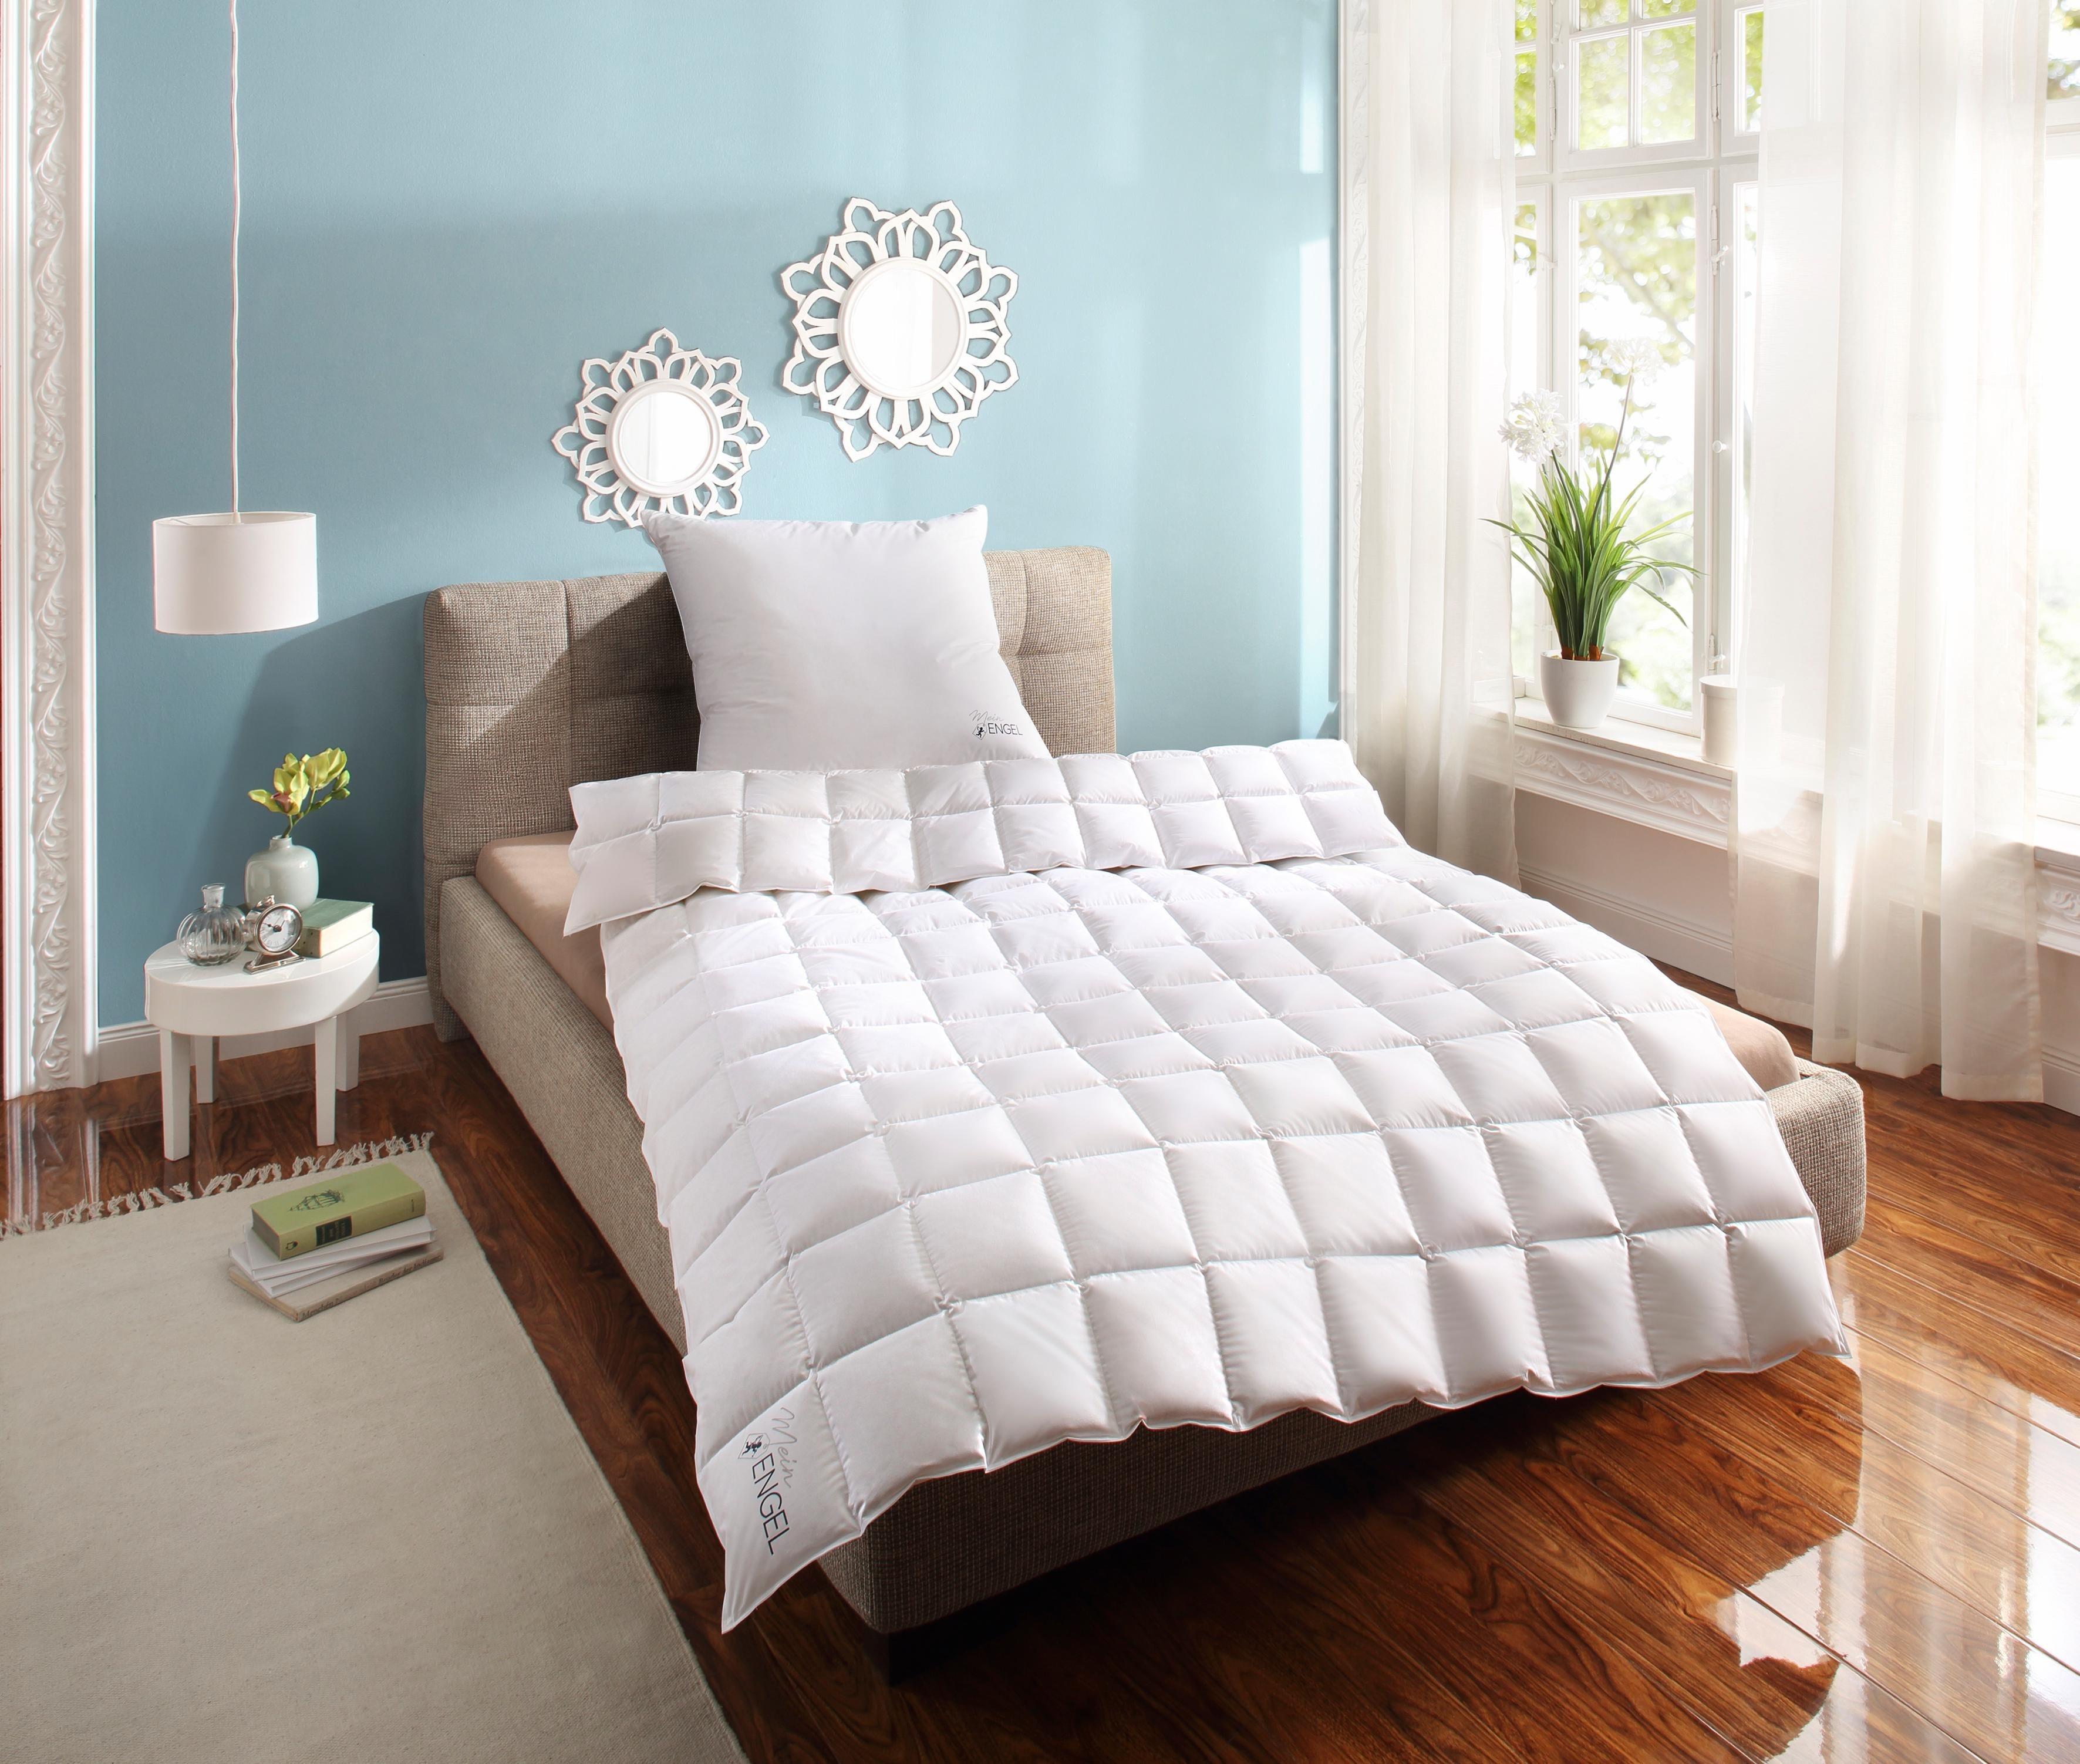 bettdecken inlet daunen bettdecken set fototapete schlafzimmer steine kleine schlafsofas ebay. Black Bedroom Furniture Sets. Home Design Ideas